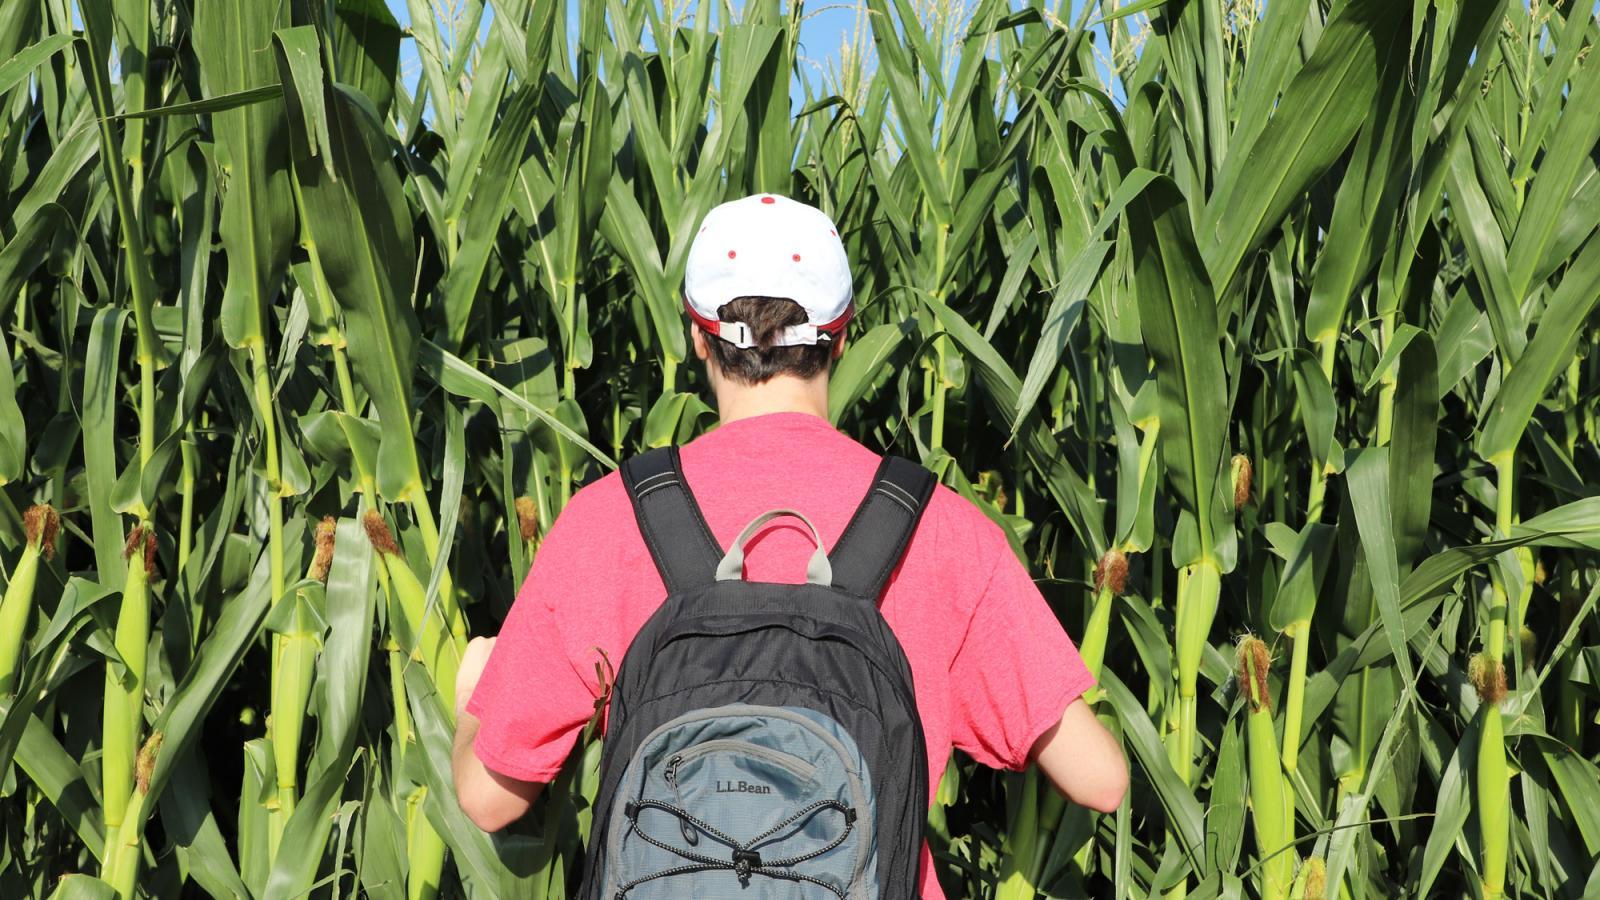 Student in corn field